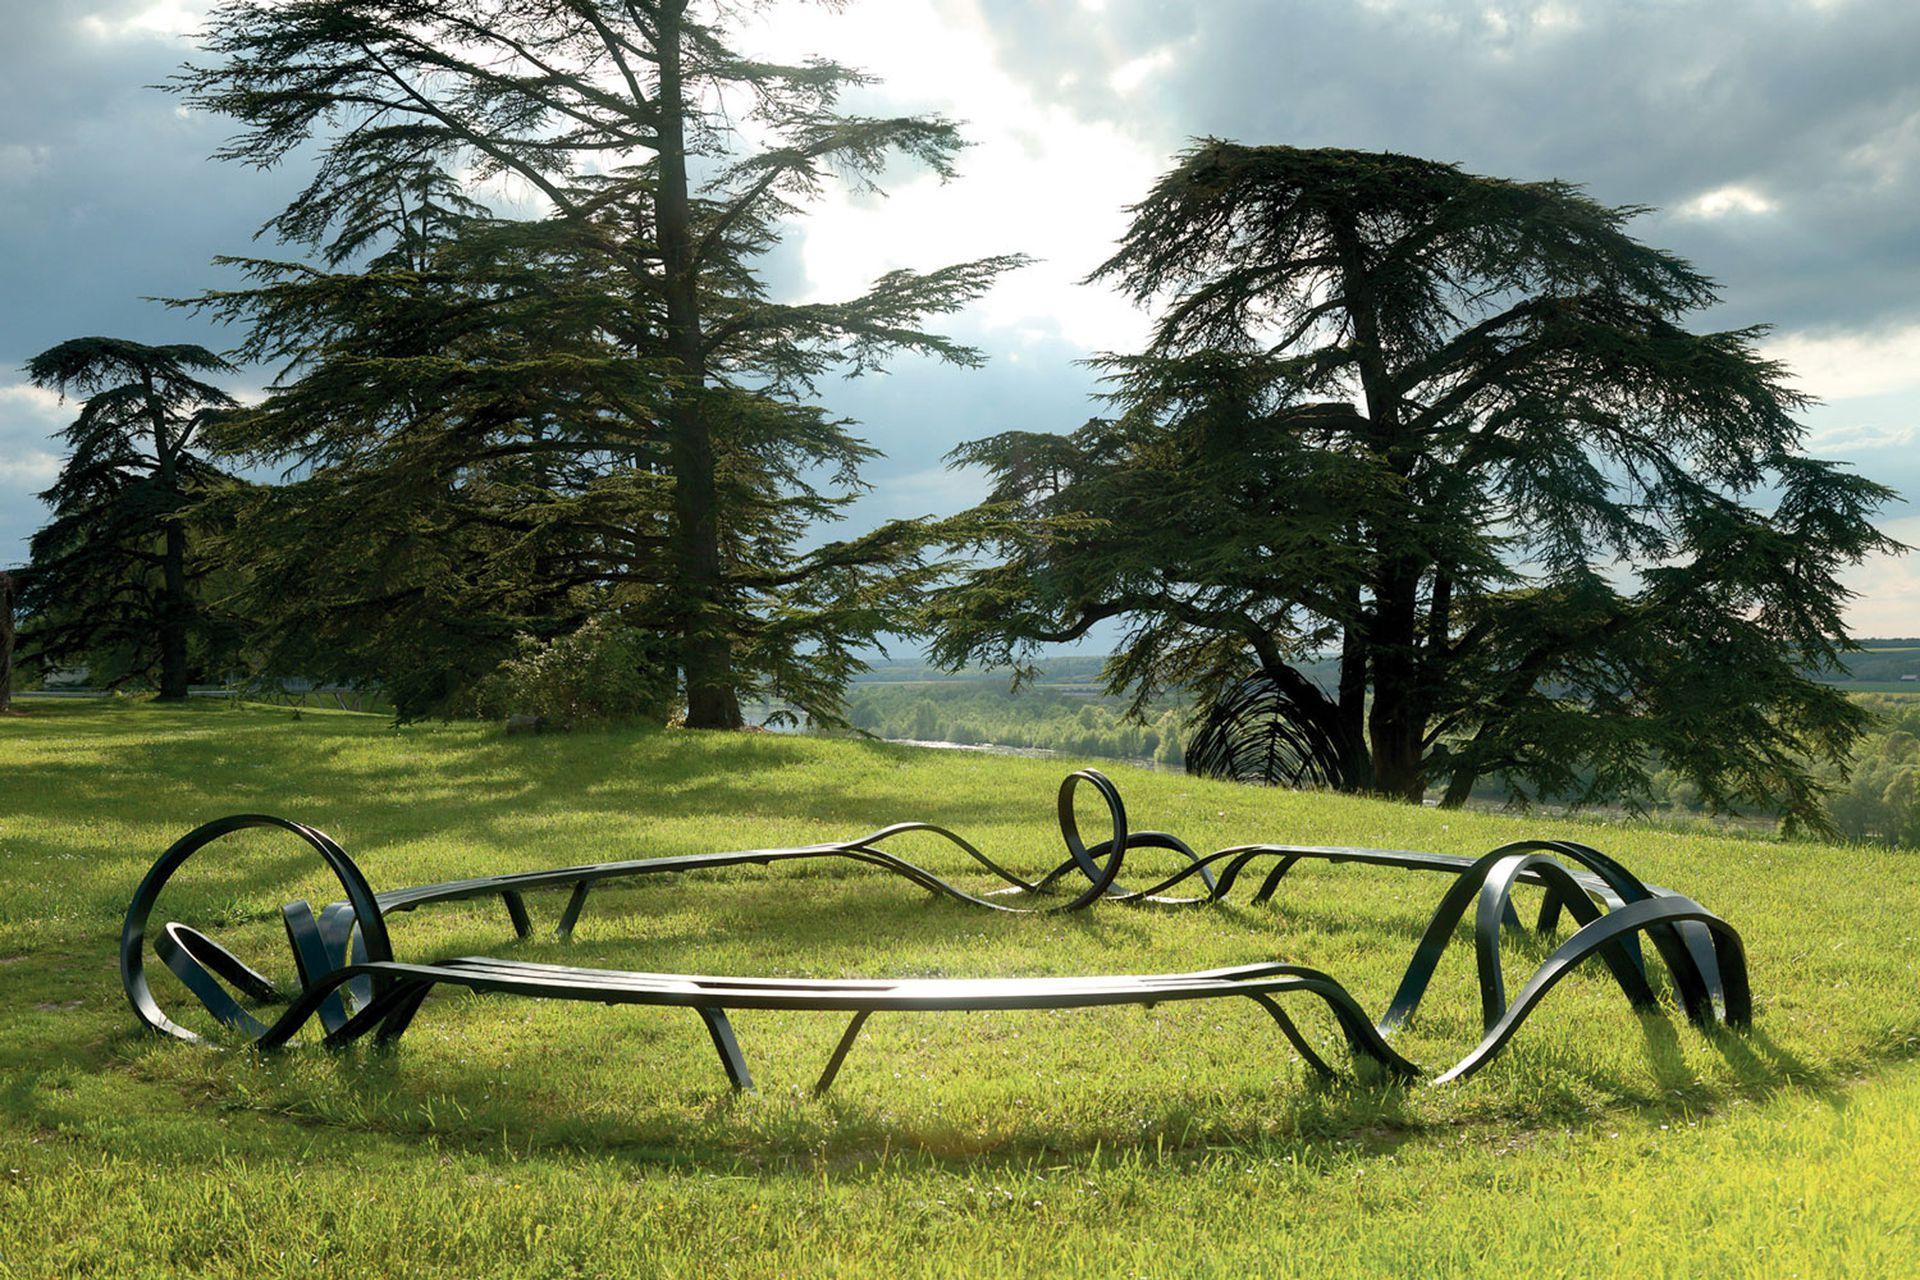 """""""Banco Circular"""" emplazado en los terrenos de Chaumont-sur-Loire, donde se realiza el famoso festival de jardines en Francia."""